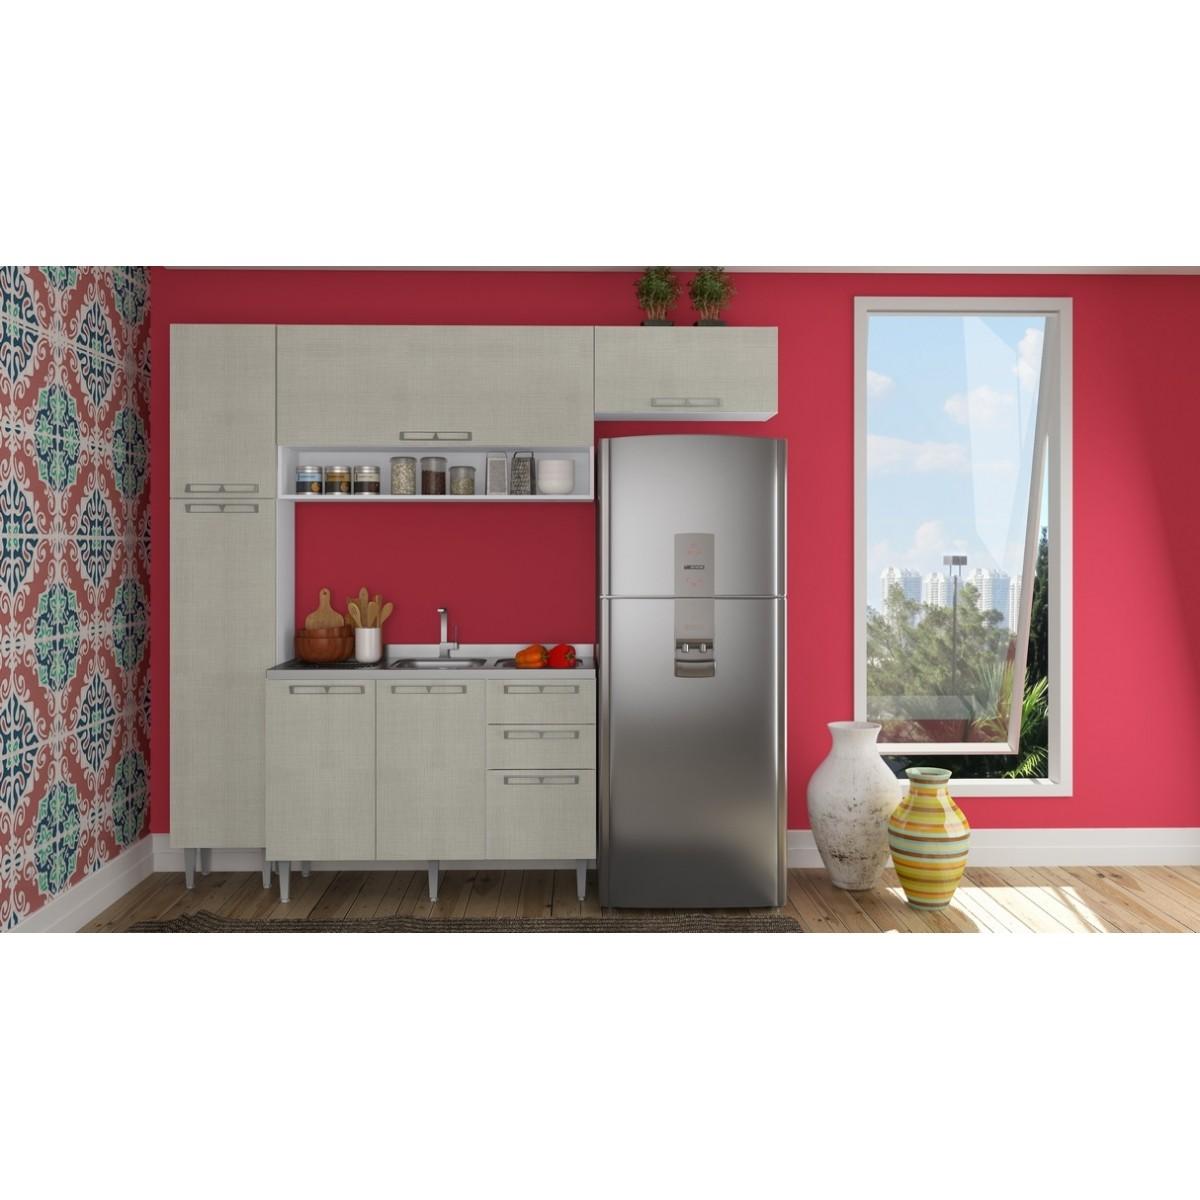 Cozinha Modulada Completa 5 peças Modelo 16 Várias Cores Mia Coccina